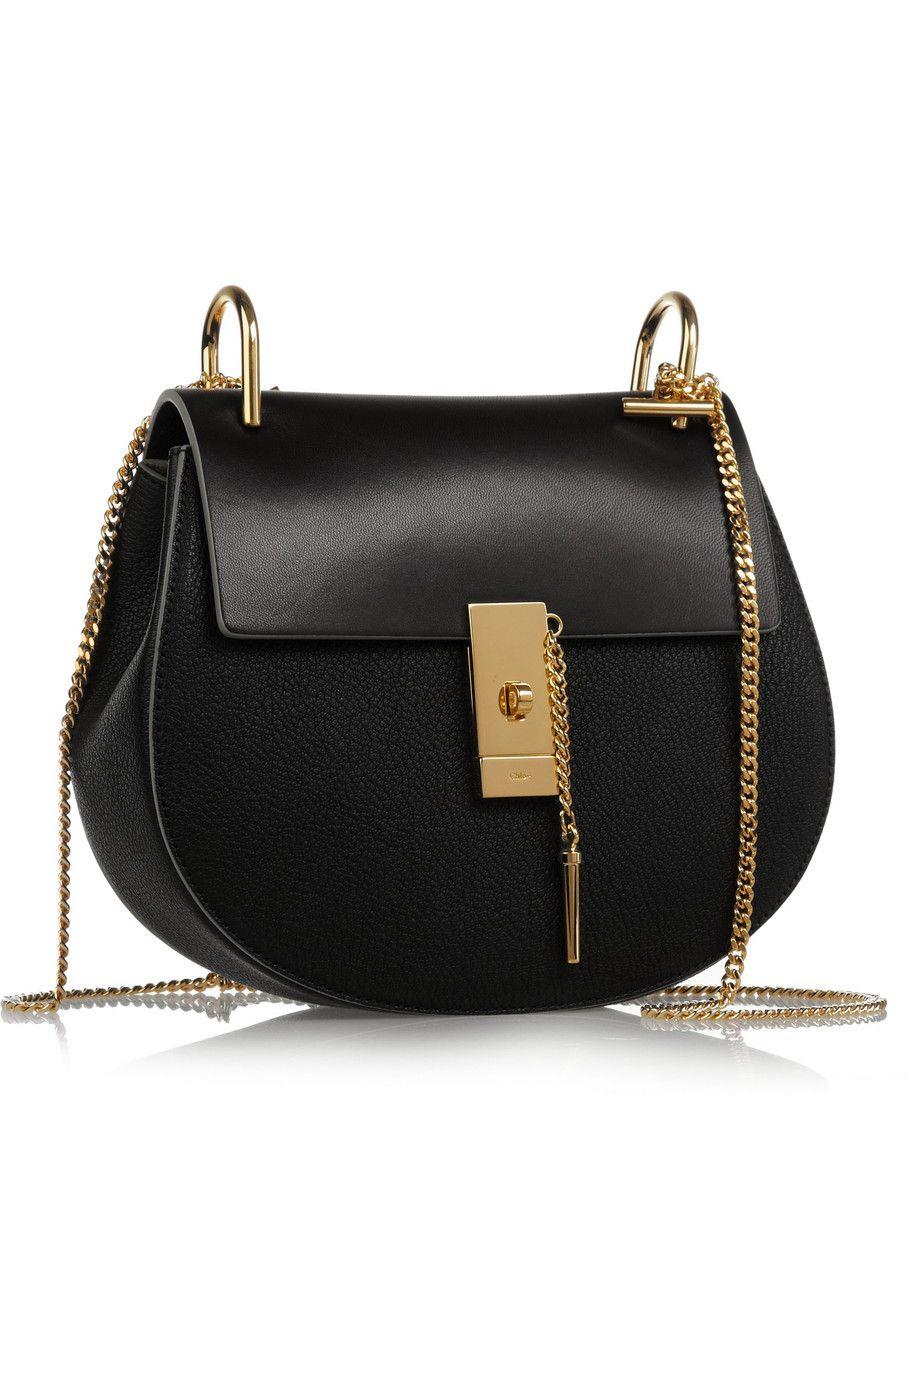 Chloé | Drew leather shoulder bag | NET-A-PORTER.COM